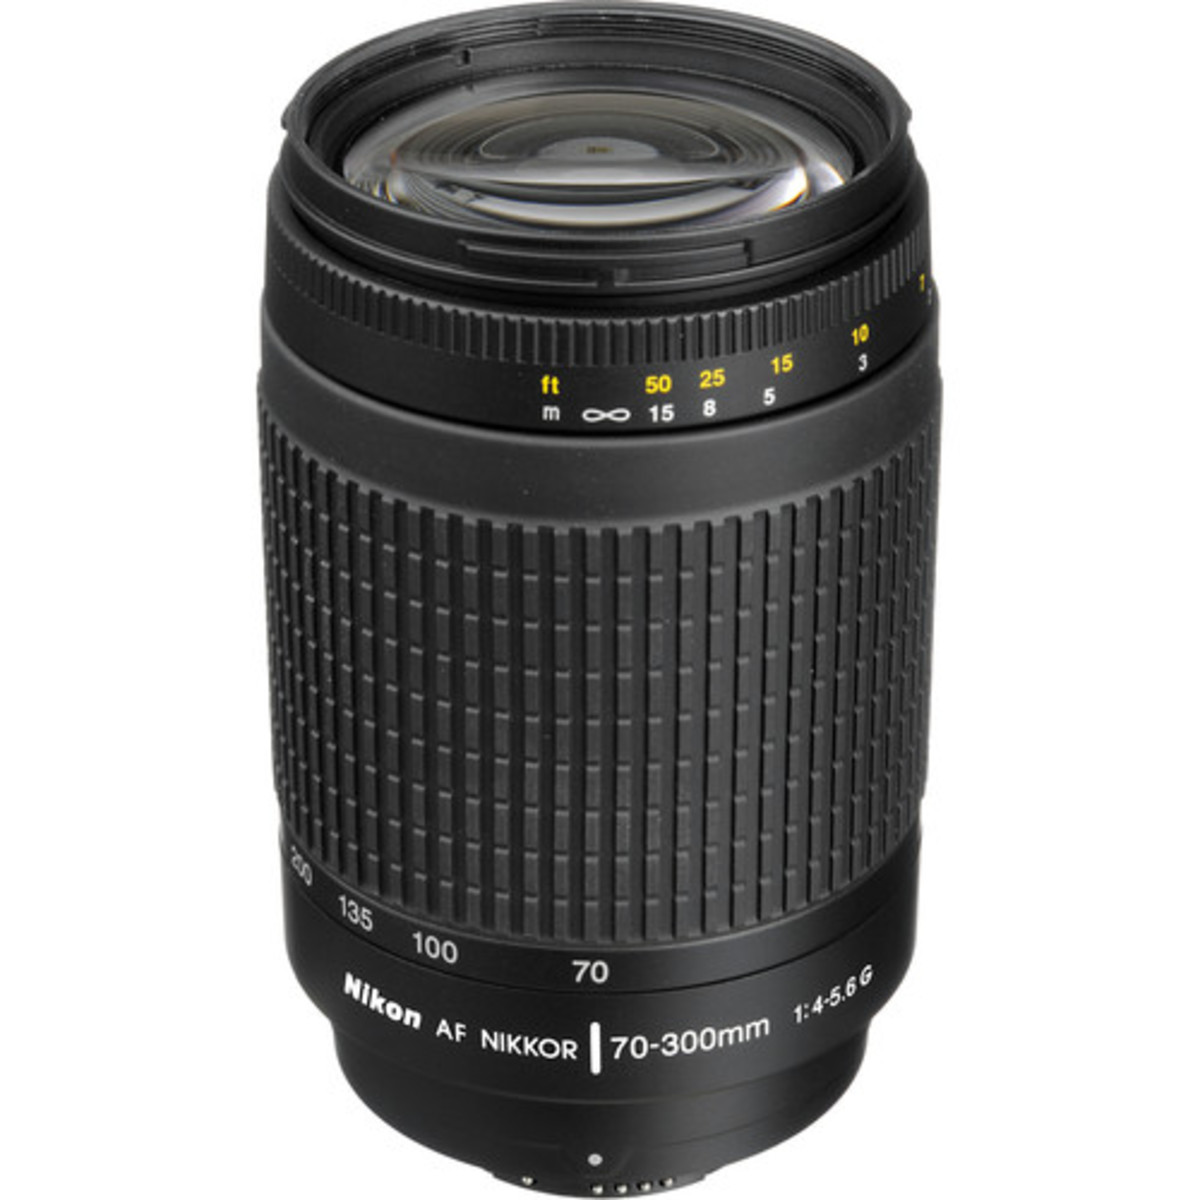 AF Zoom-NIKKOR 70-300mm f/4-5.6G Lens (平行進口)